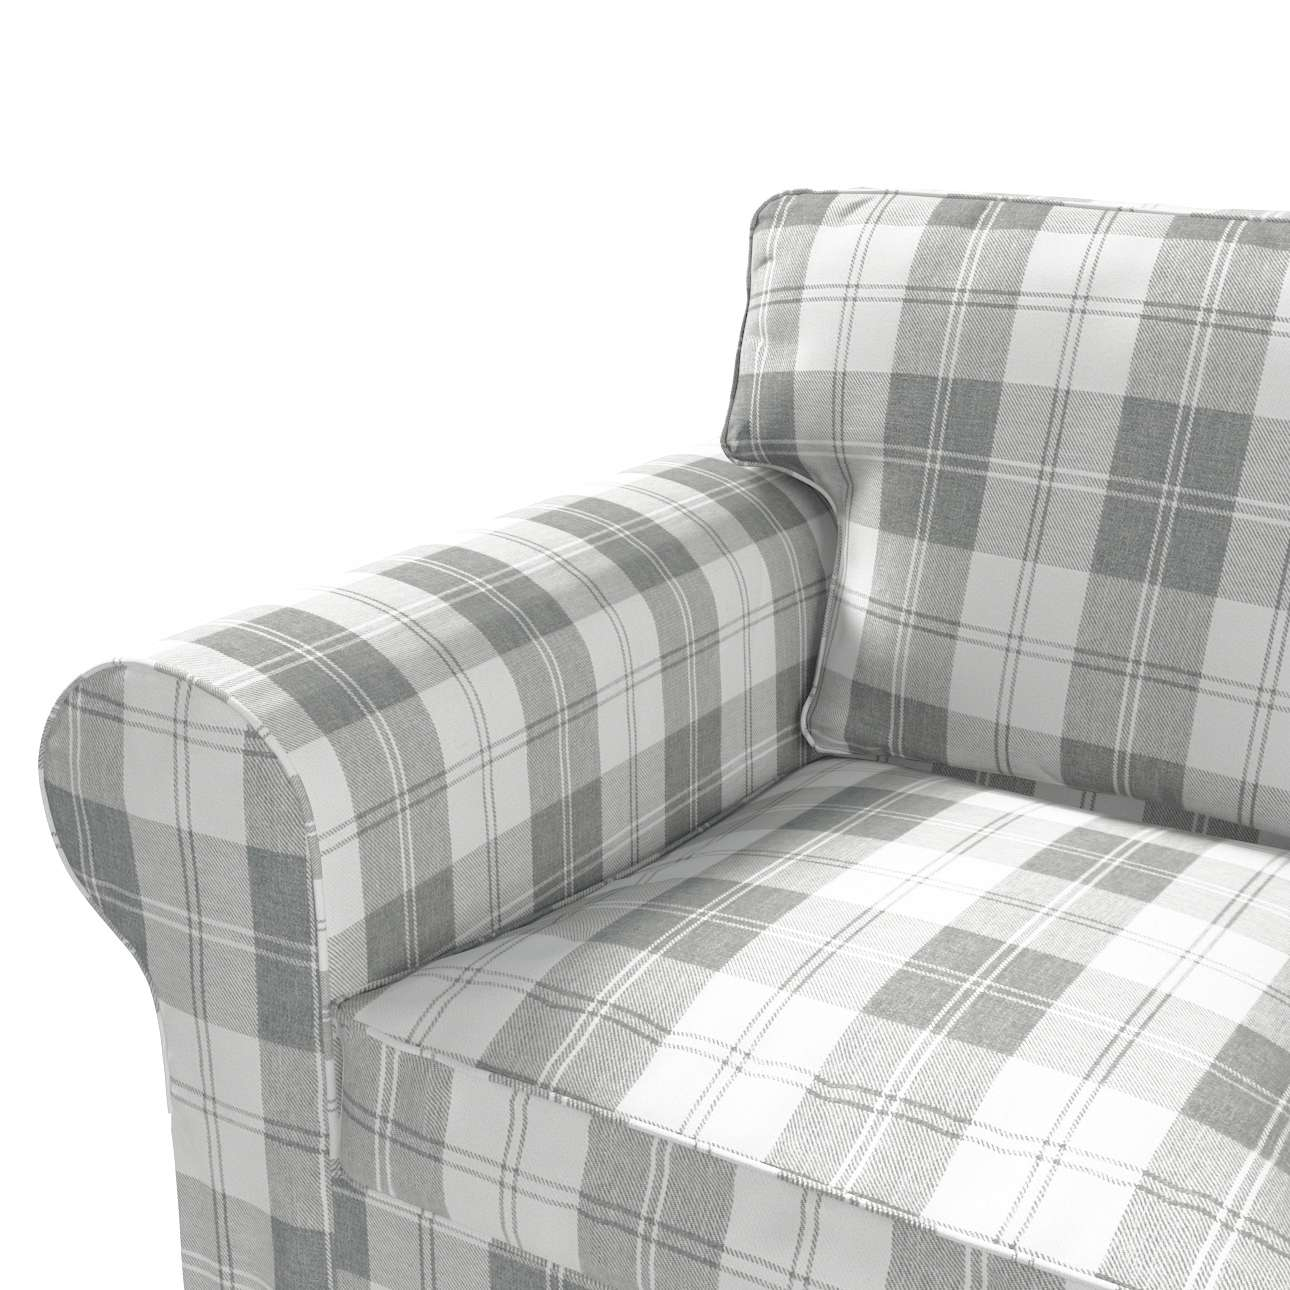 Pokrowiec na sofę Ektorp 2-osobową, rozkładaną STARY MODEL w kolekcji Edinburgh, tkanina: 115-79